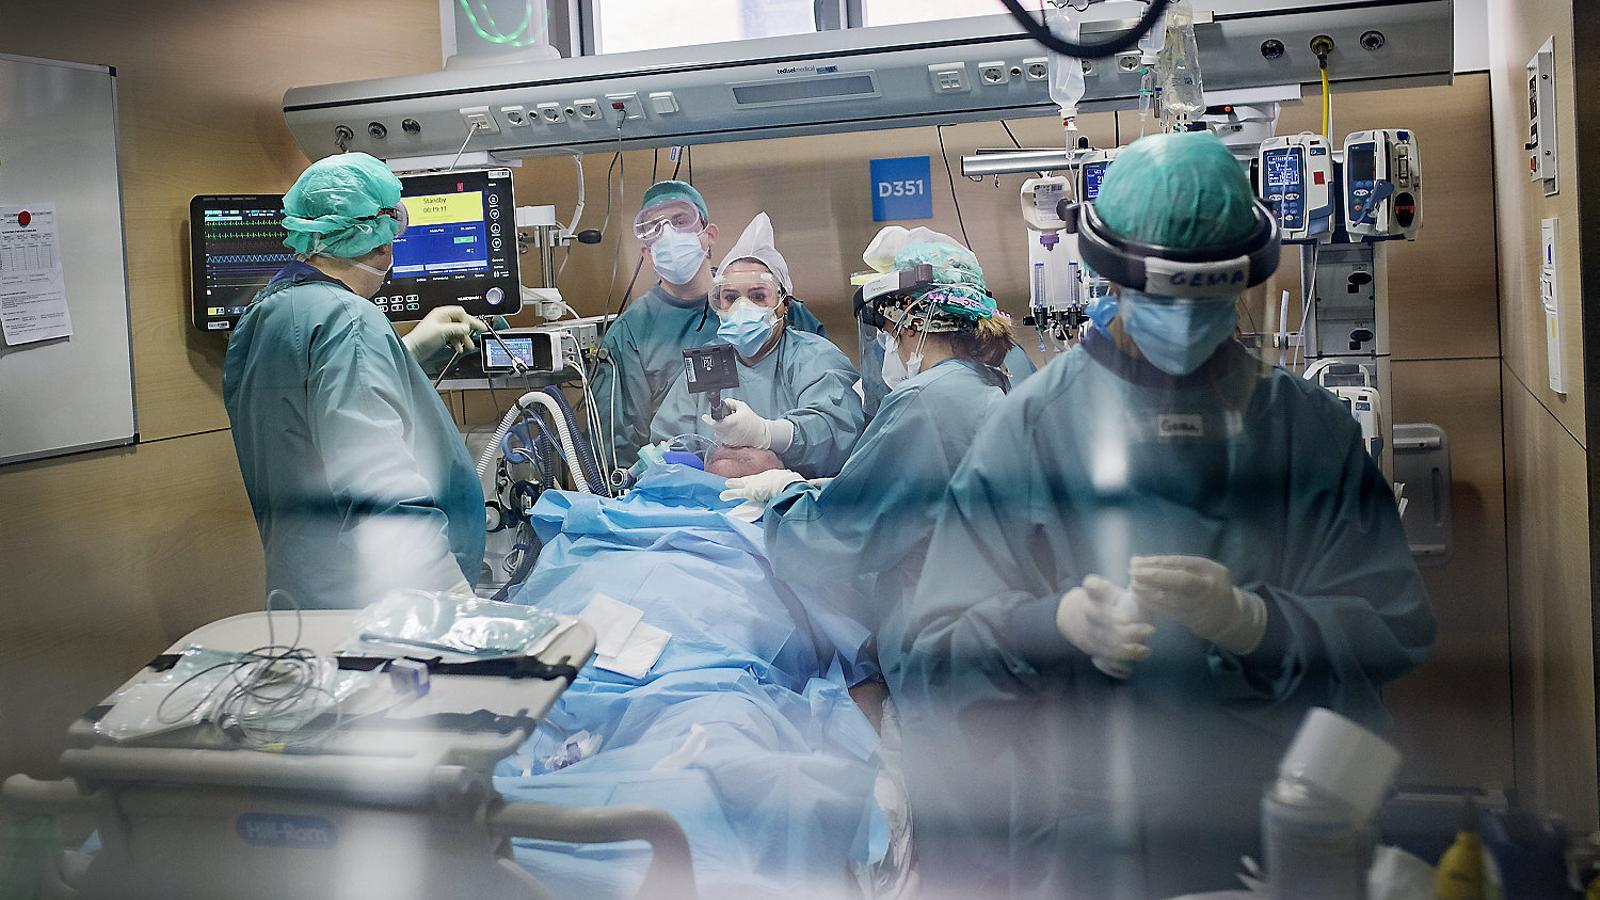 Diversos sanitaris fent una traqueotomia a una pacient a l'UCI de l'Hospital de la Vall d'Hebron.